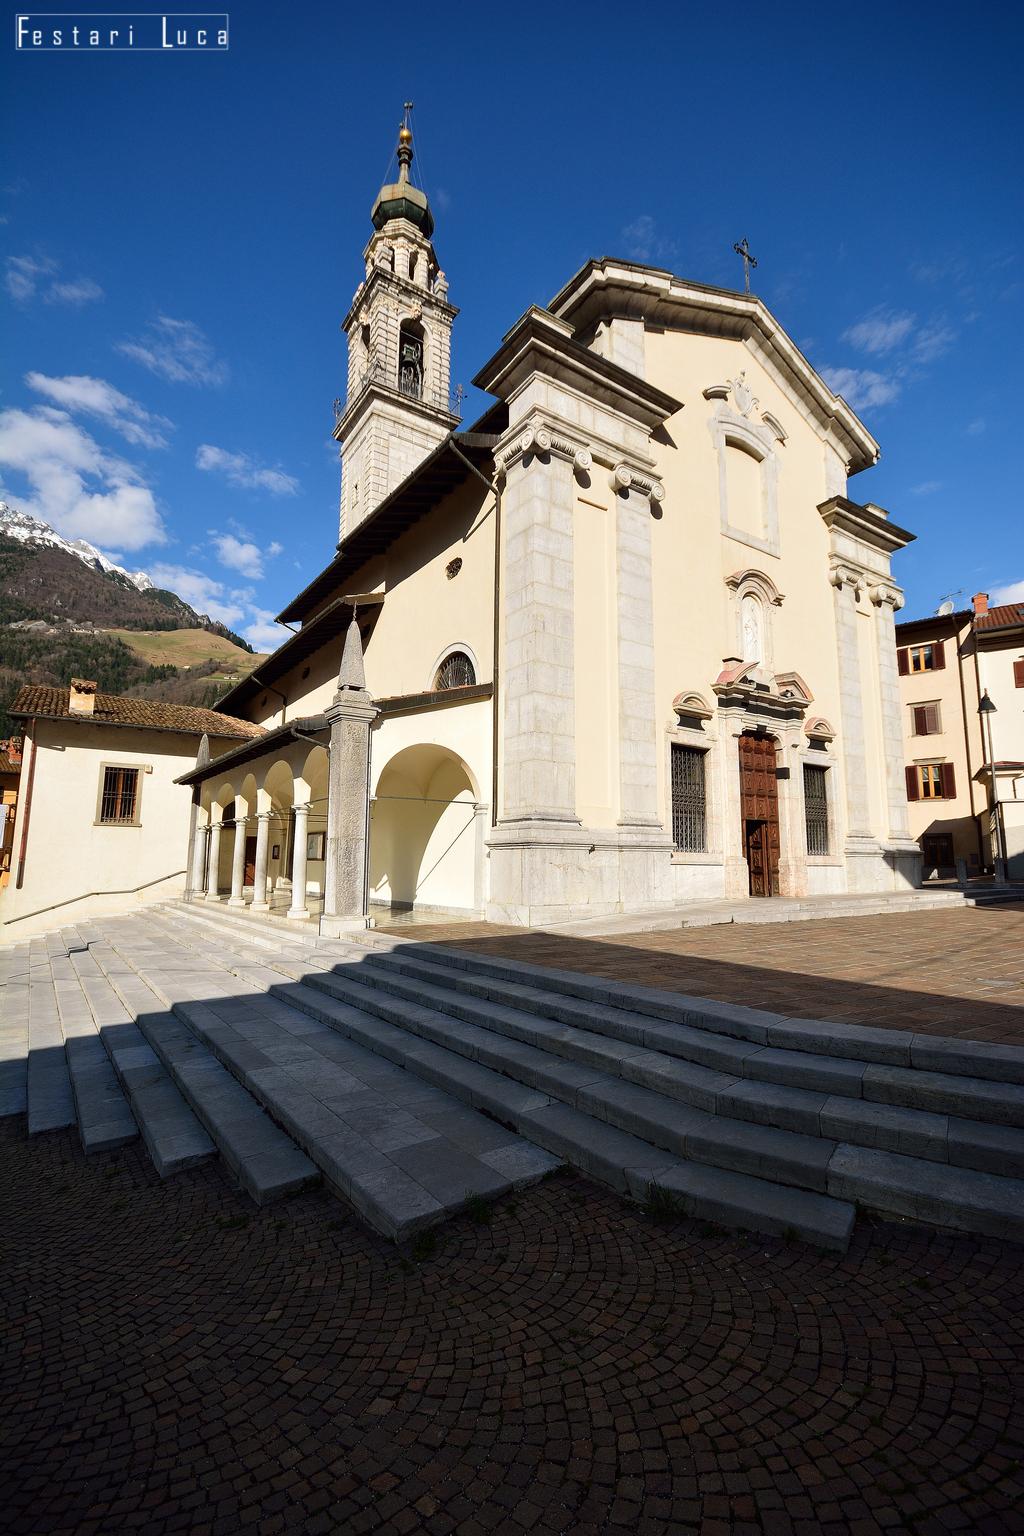 viviardesio ardesio progetto percorso storico artistico veduta esterna del santuario luca festari